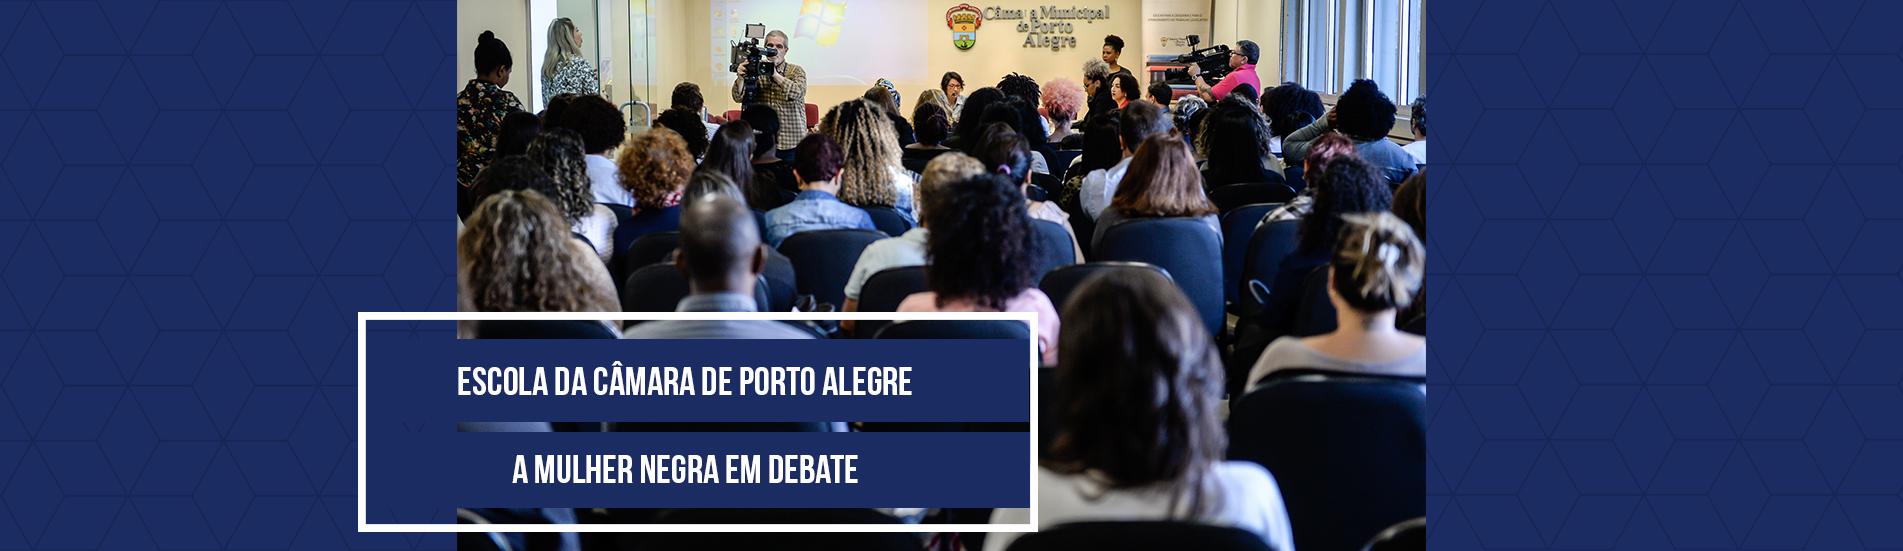 Banner_ABEL_A_Mulher_Negra_em_Debate